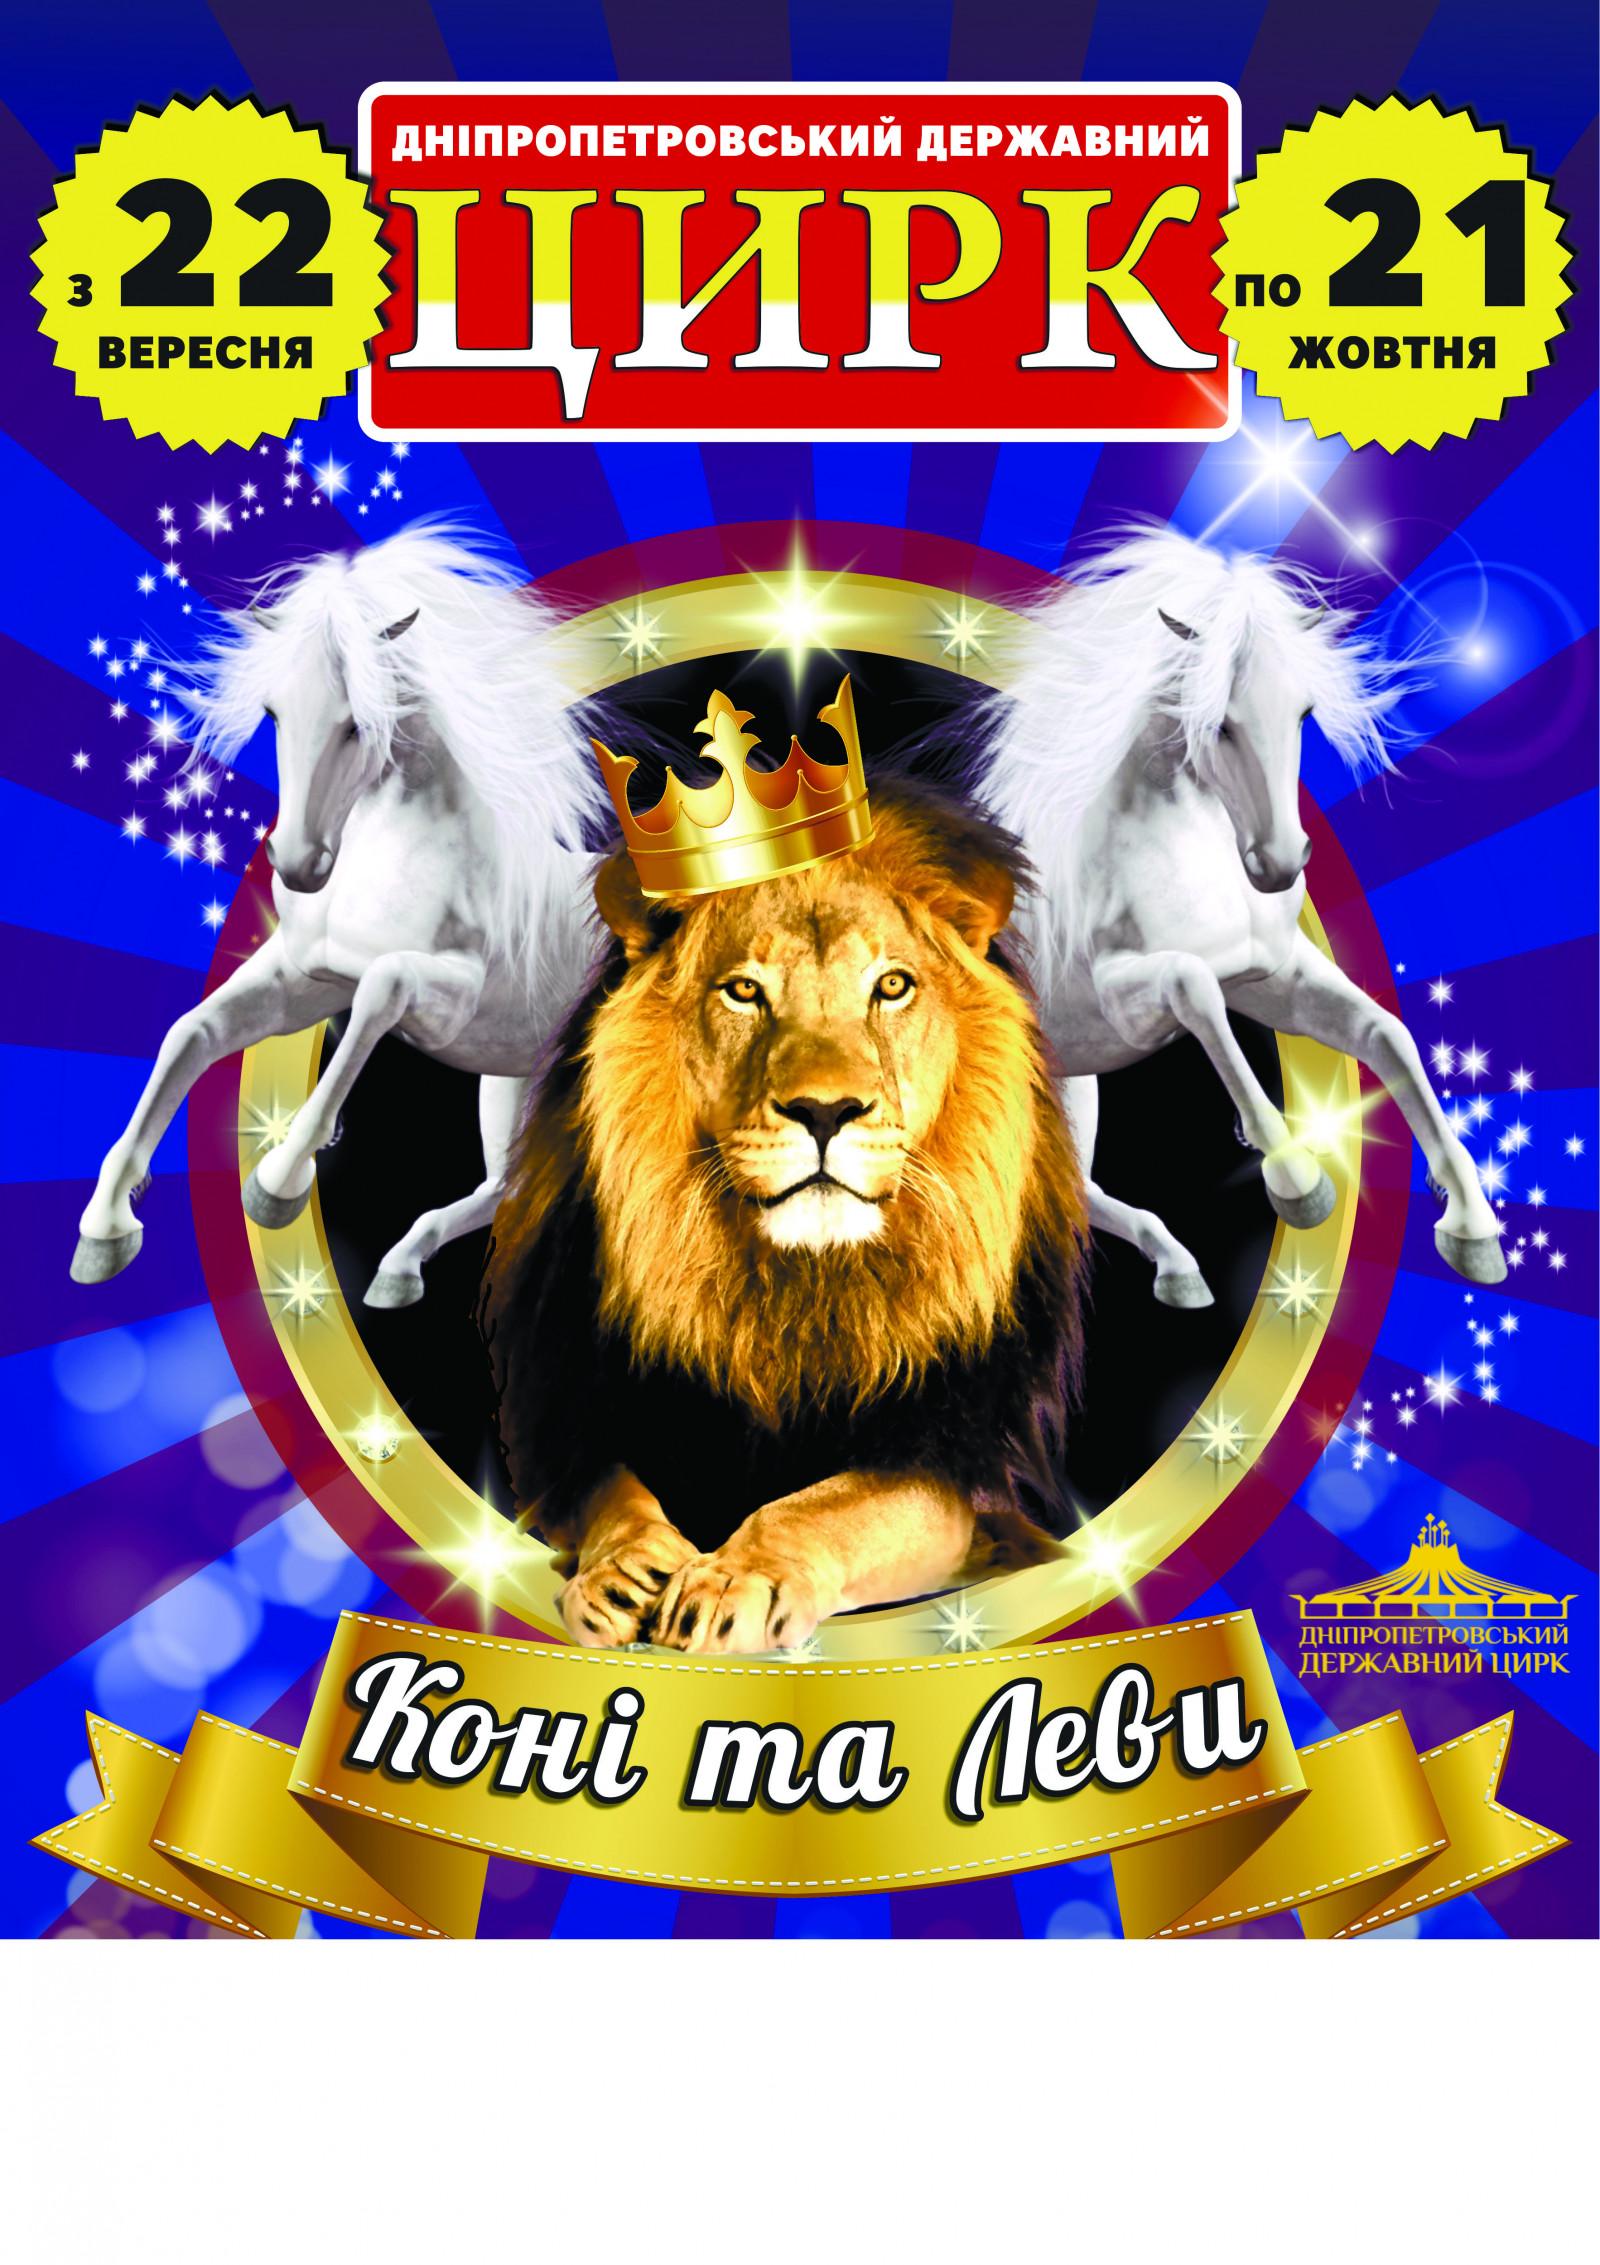 Купить билет в цирк днепр заказать билет в кино иваново